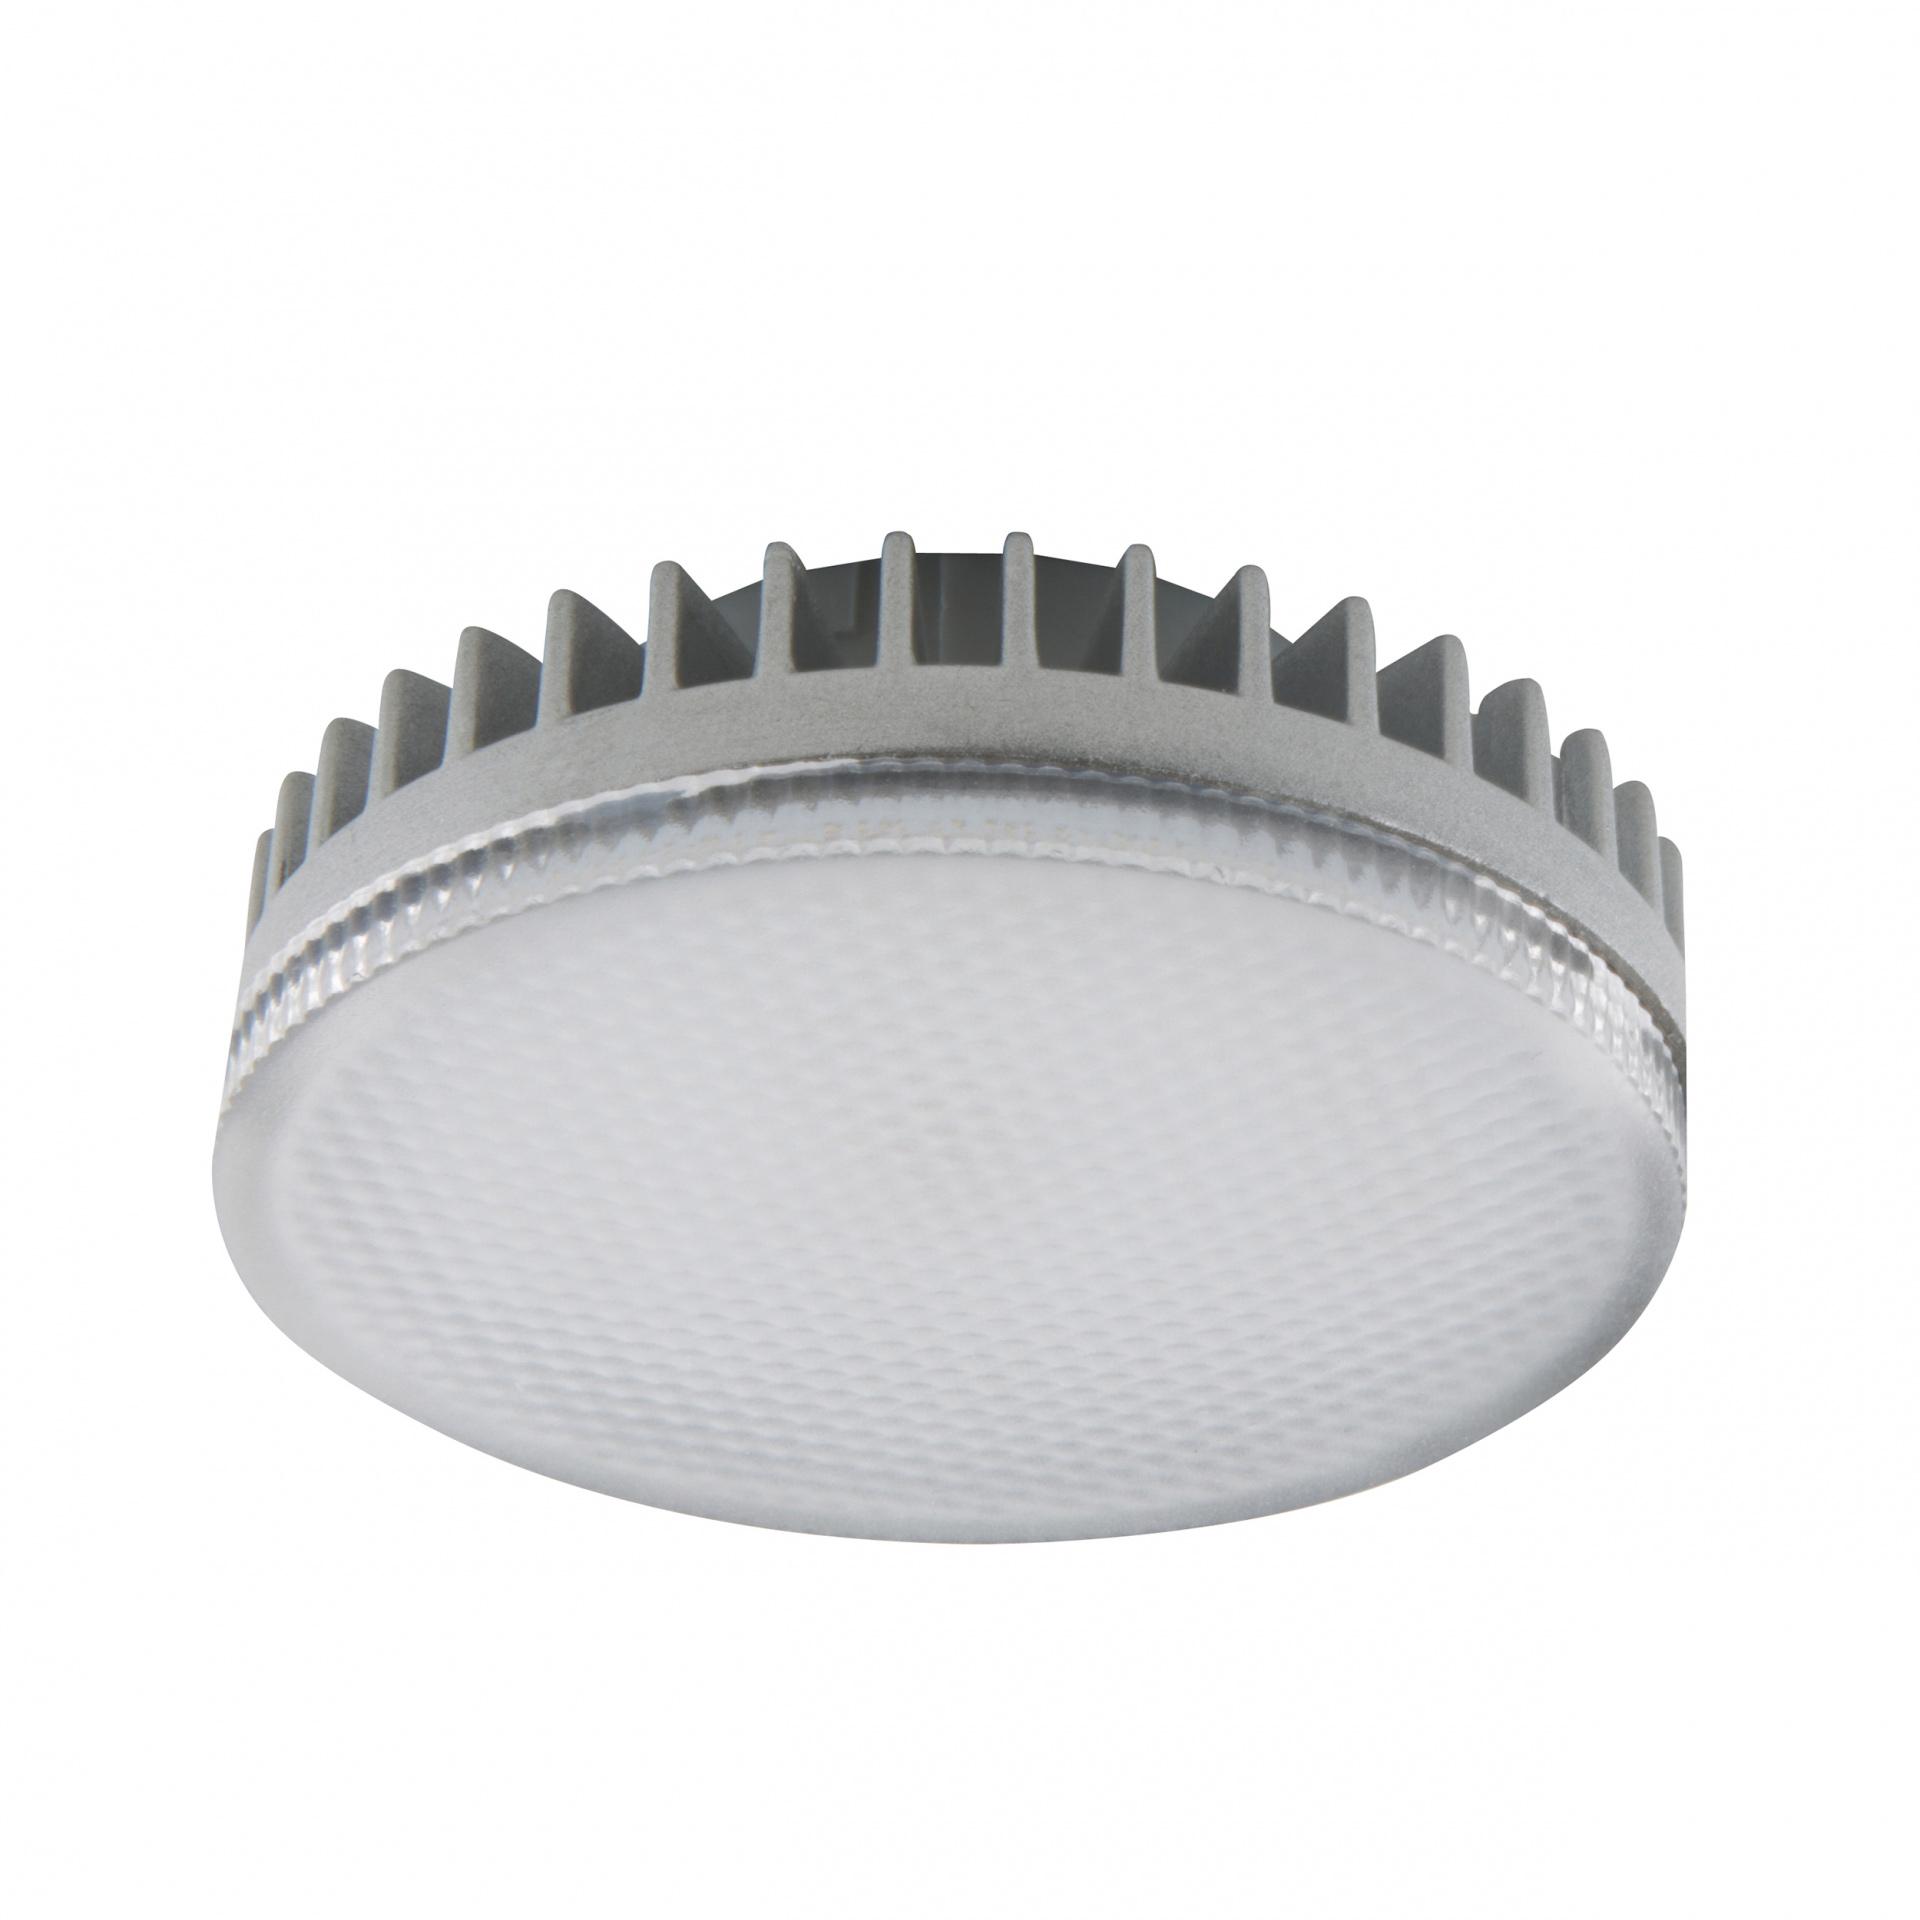 Лампа LED 220V TABL GX53 6W=60W 520LM 180G FR 2800K 20000H Lightstar 929062, купить в СПб, Москве, с доставкой, Санкт-Петербург, интернет-магазин люстр и светильников Starlight, фото в жизни